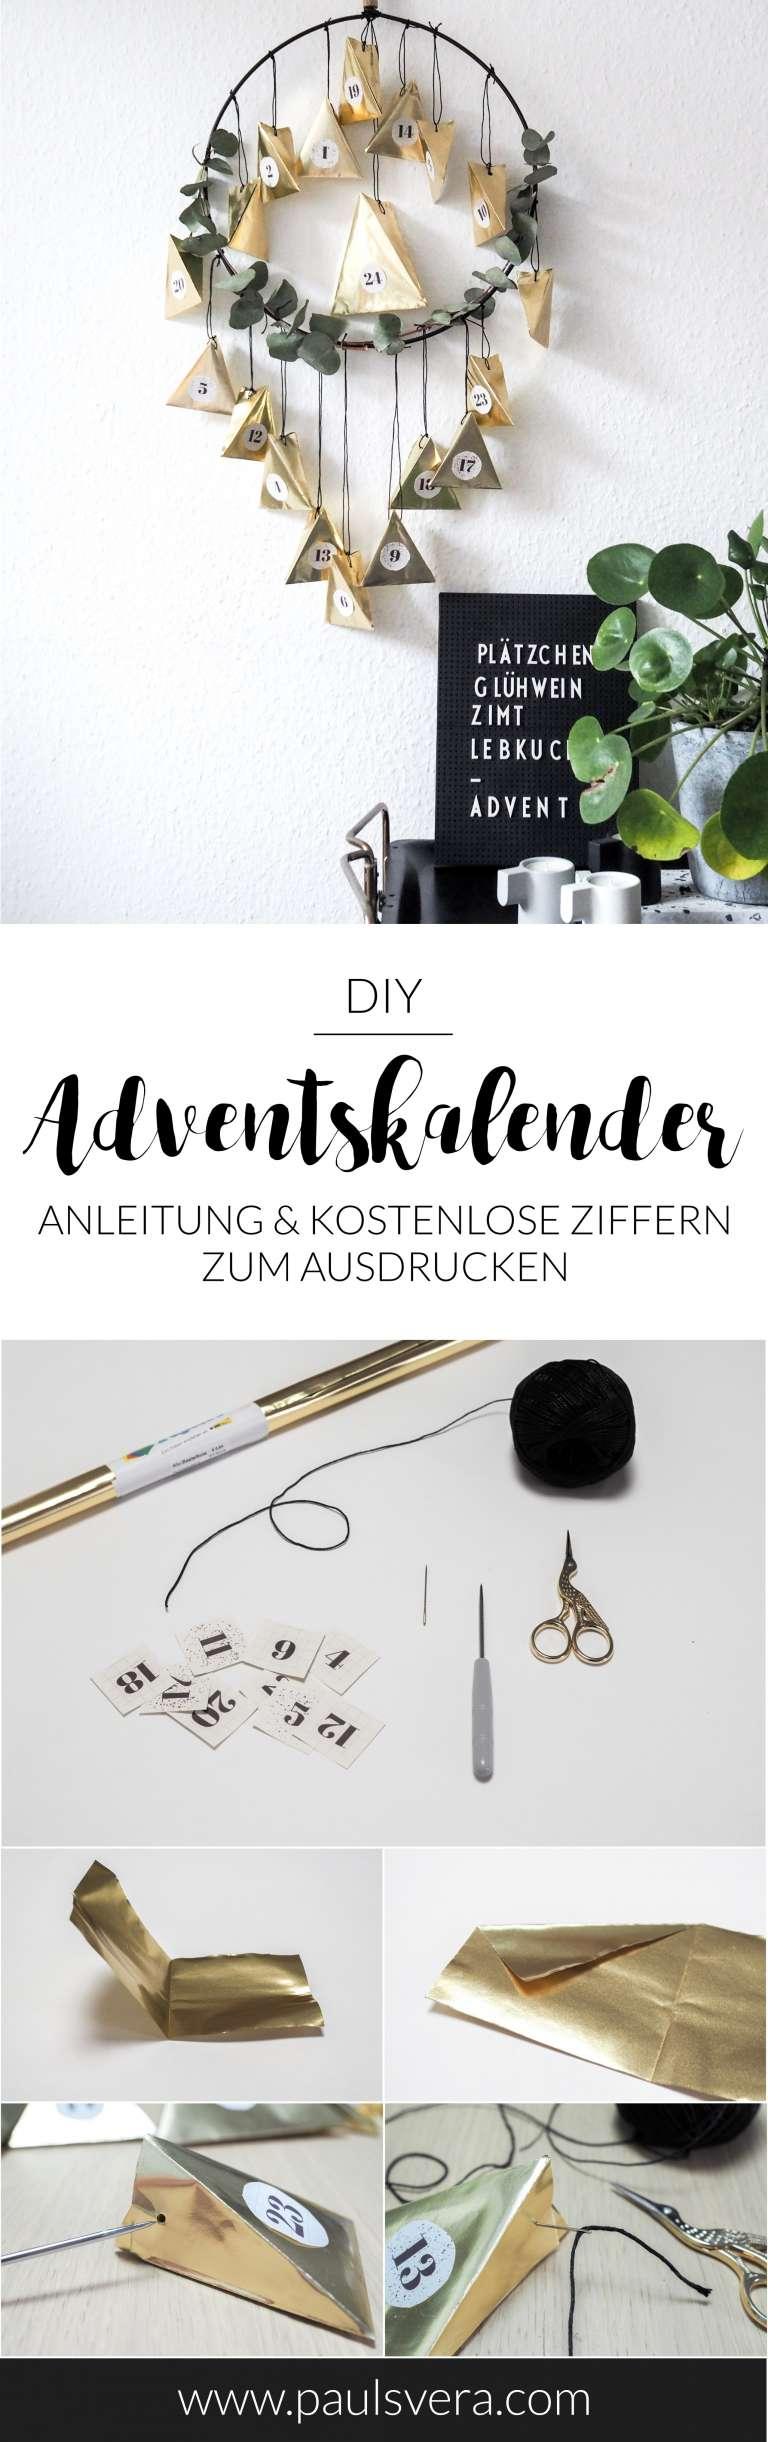 Anleitung-DIY-Adventskalender-selber-machen-aus-Papier-gold-besonders-Weihnachtskalender-basteln-paulsvera